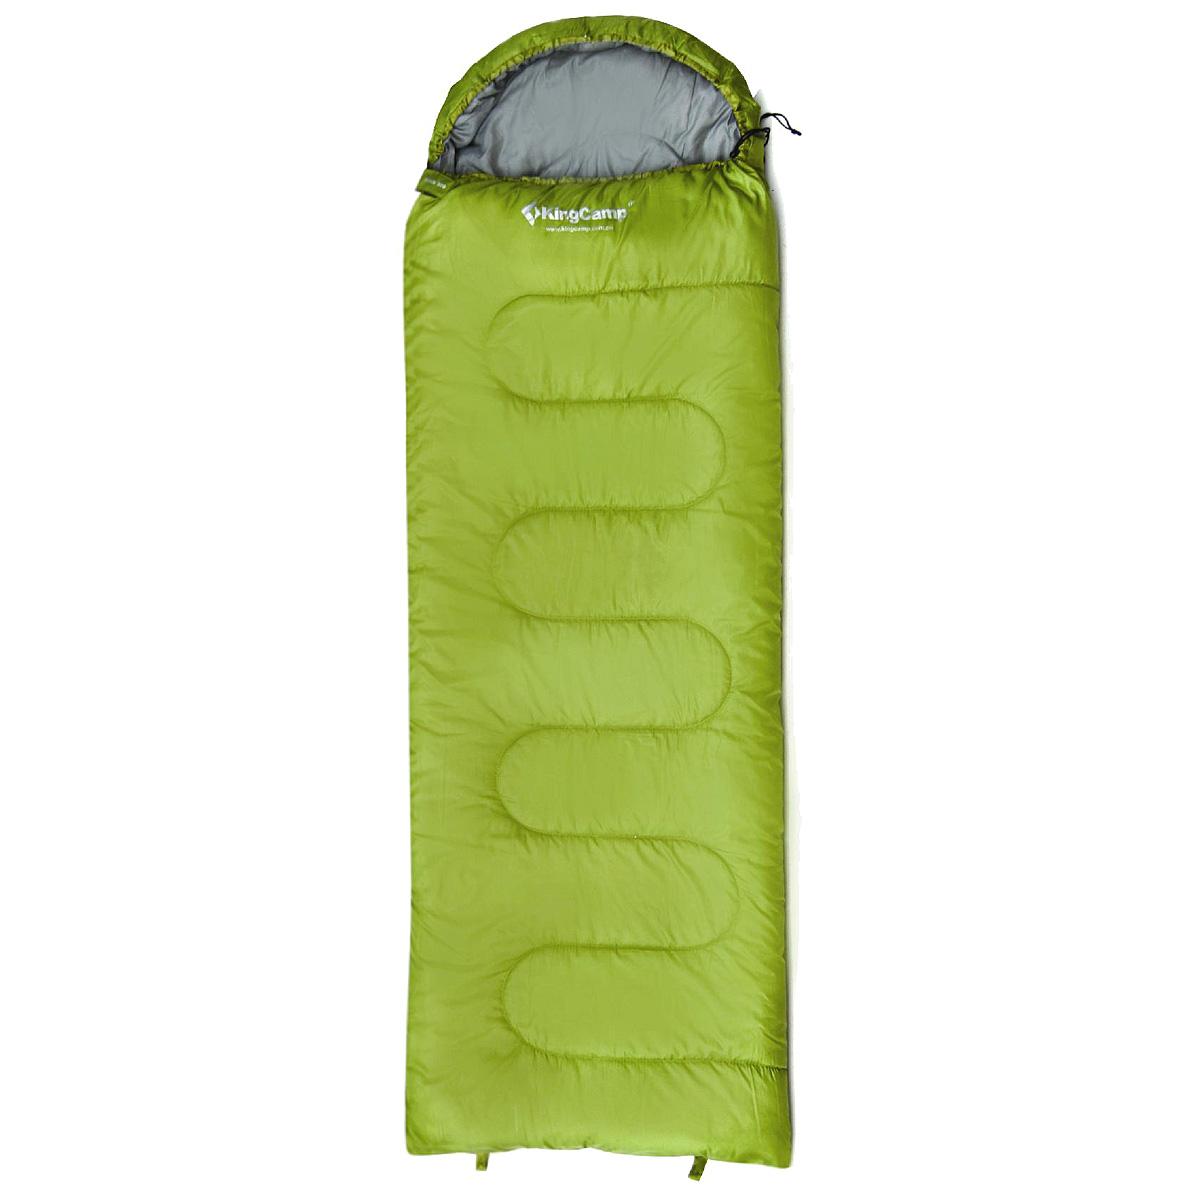 Спальный мешок-одеяло KingCamp Oasis 300 KS3151, левосторонняя молния, цвет: зеленый67742Комфортный спальник-одеяло имеет прямоугольную форму и одинаковую ширину как вверху, так и внизу, благодаря чему ноги чувствуют себя более свободно. Молния располагается на боковой стороне, благодаря чему при её расстёгивании спальник превращается в довольно большое одеяло.